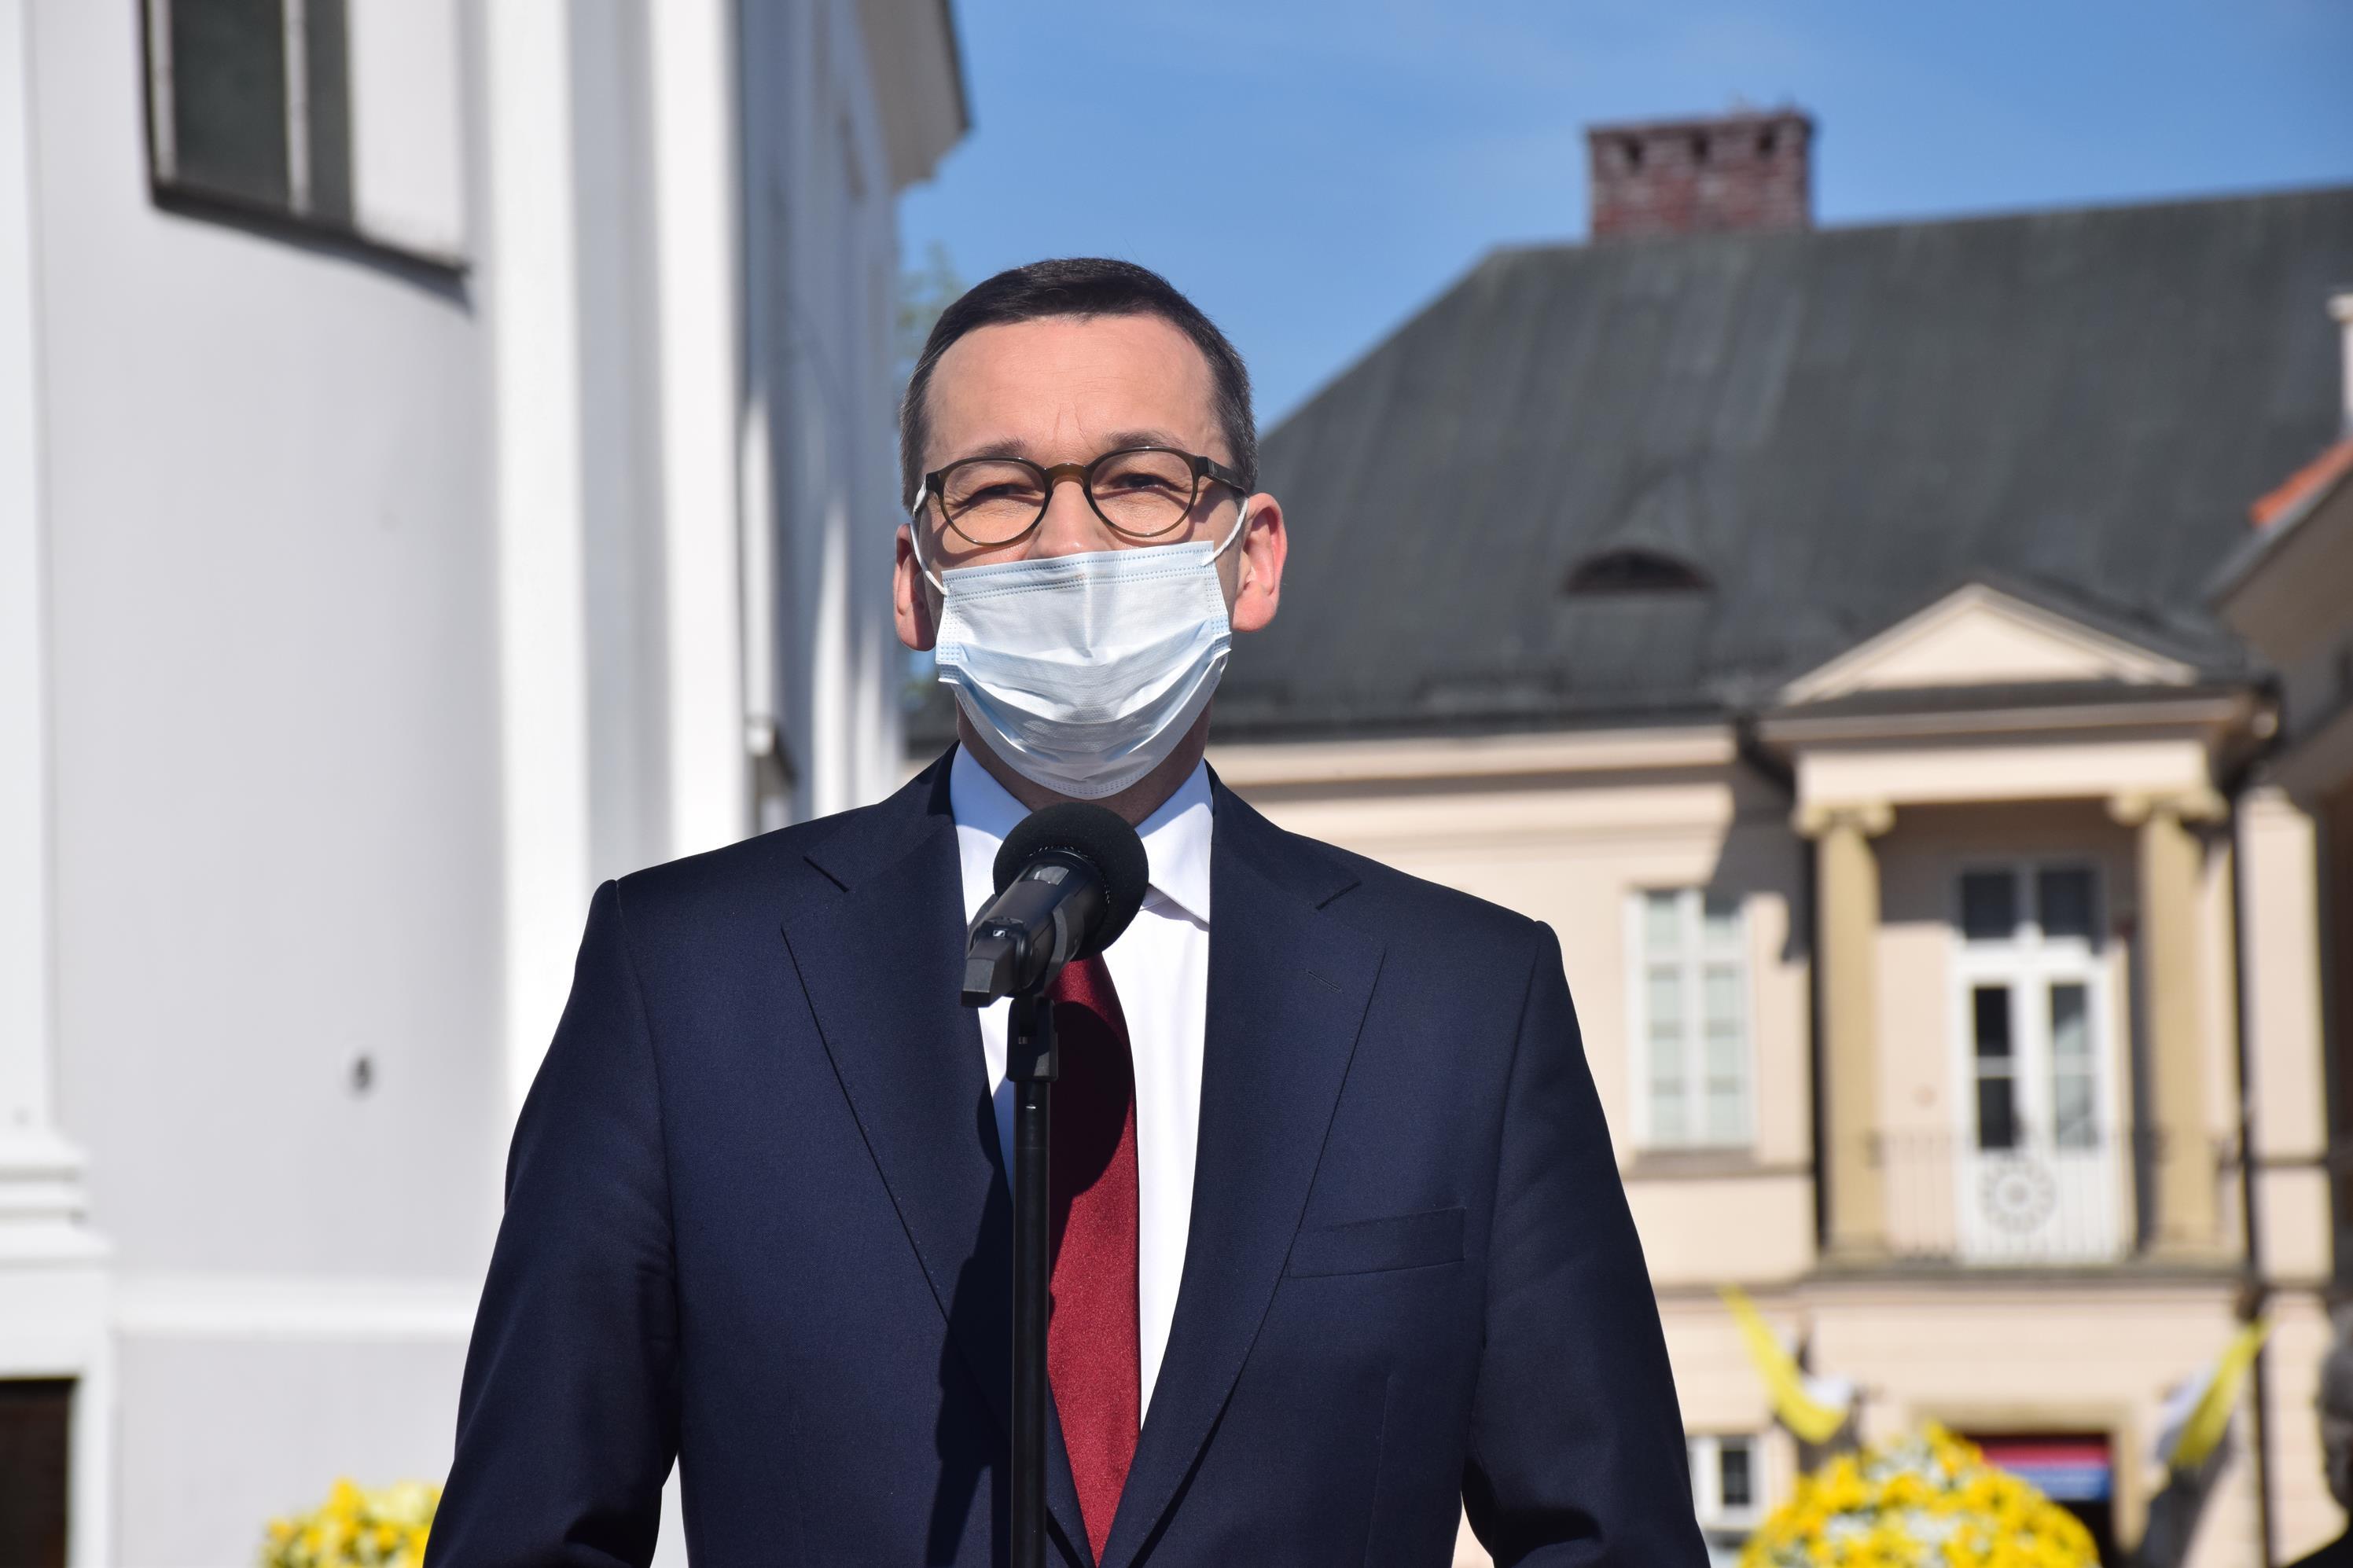 Premier Morawiecki to kolejny polityk, który odwiedził w poniedziałek Wadowice [FOTO] [AKTUALIZACJA]